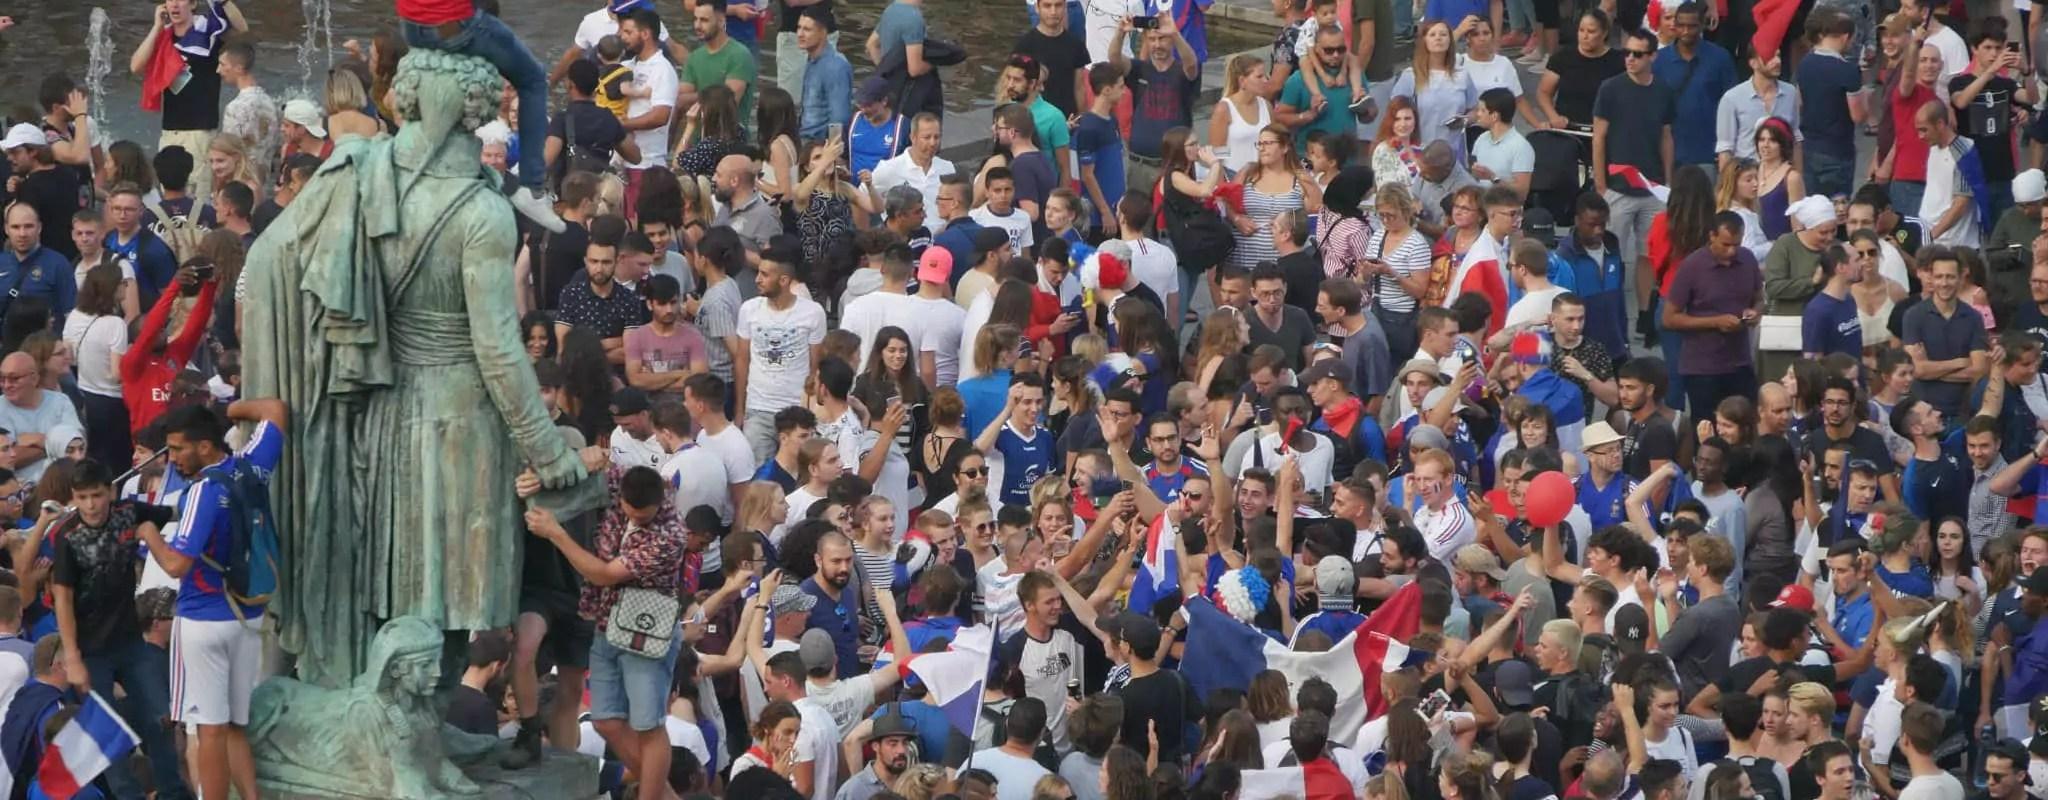 Coupe du monde : Strasbourg en fête après la victoire des Bleus!